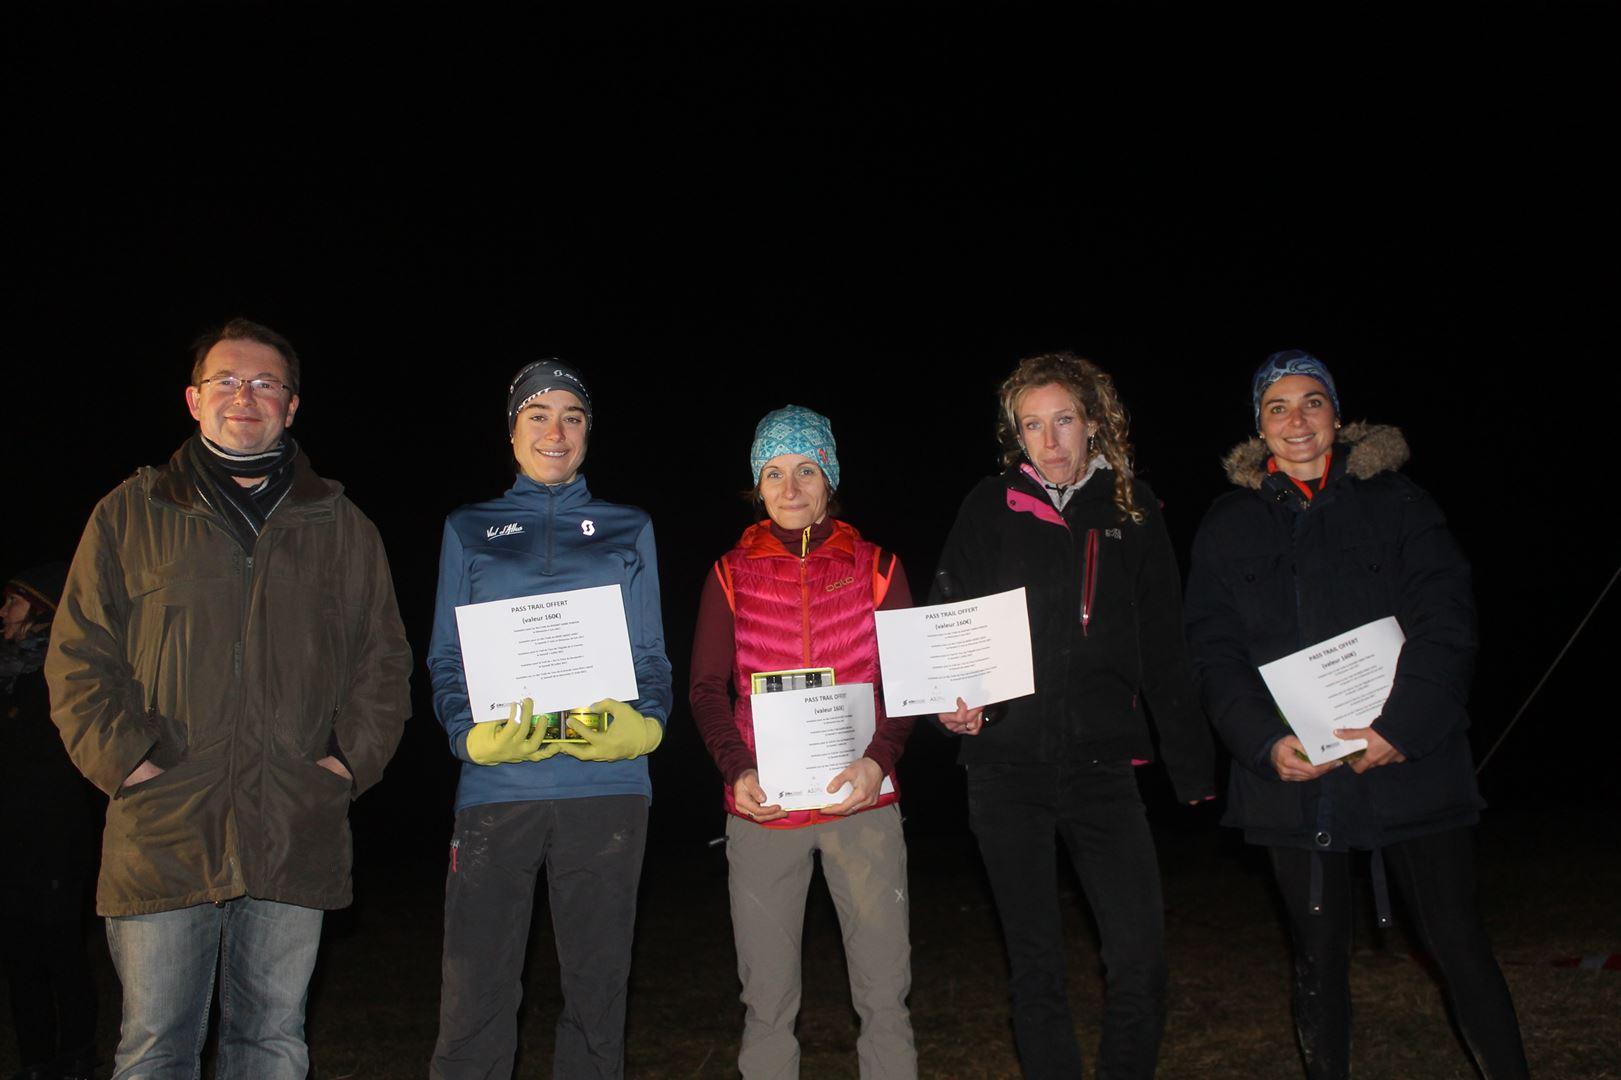 podium femmes 16km - RESULTATS ET COMMENTAIRES DU TRAIL DU SAPPEY EN CHARTREUSE (38) -18-02-2017